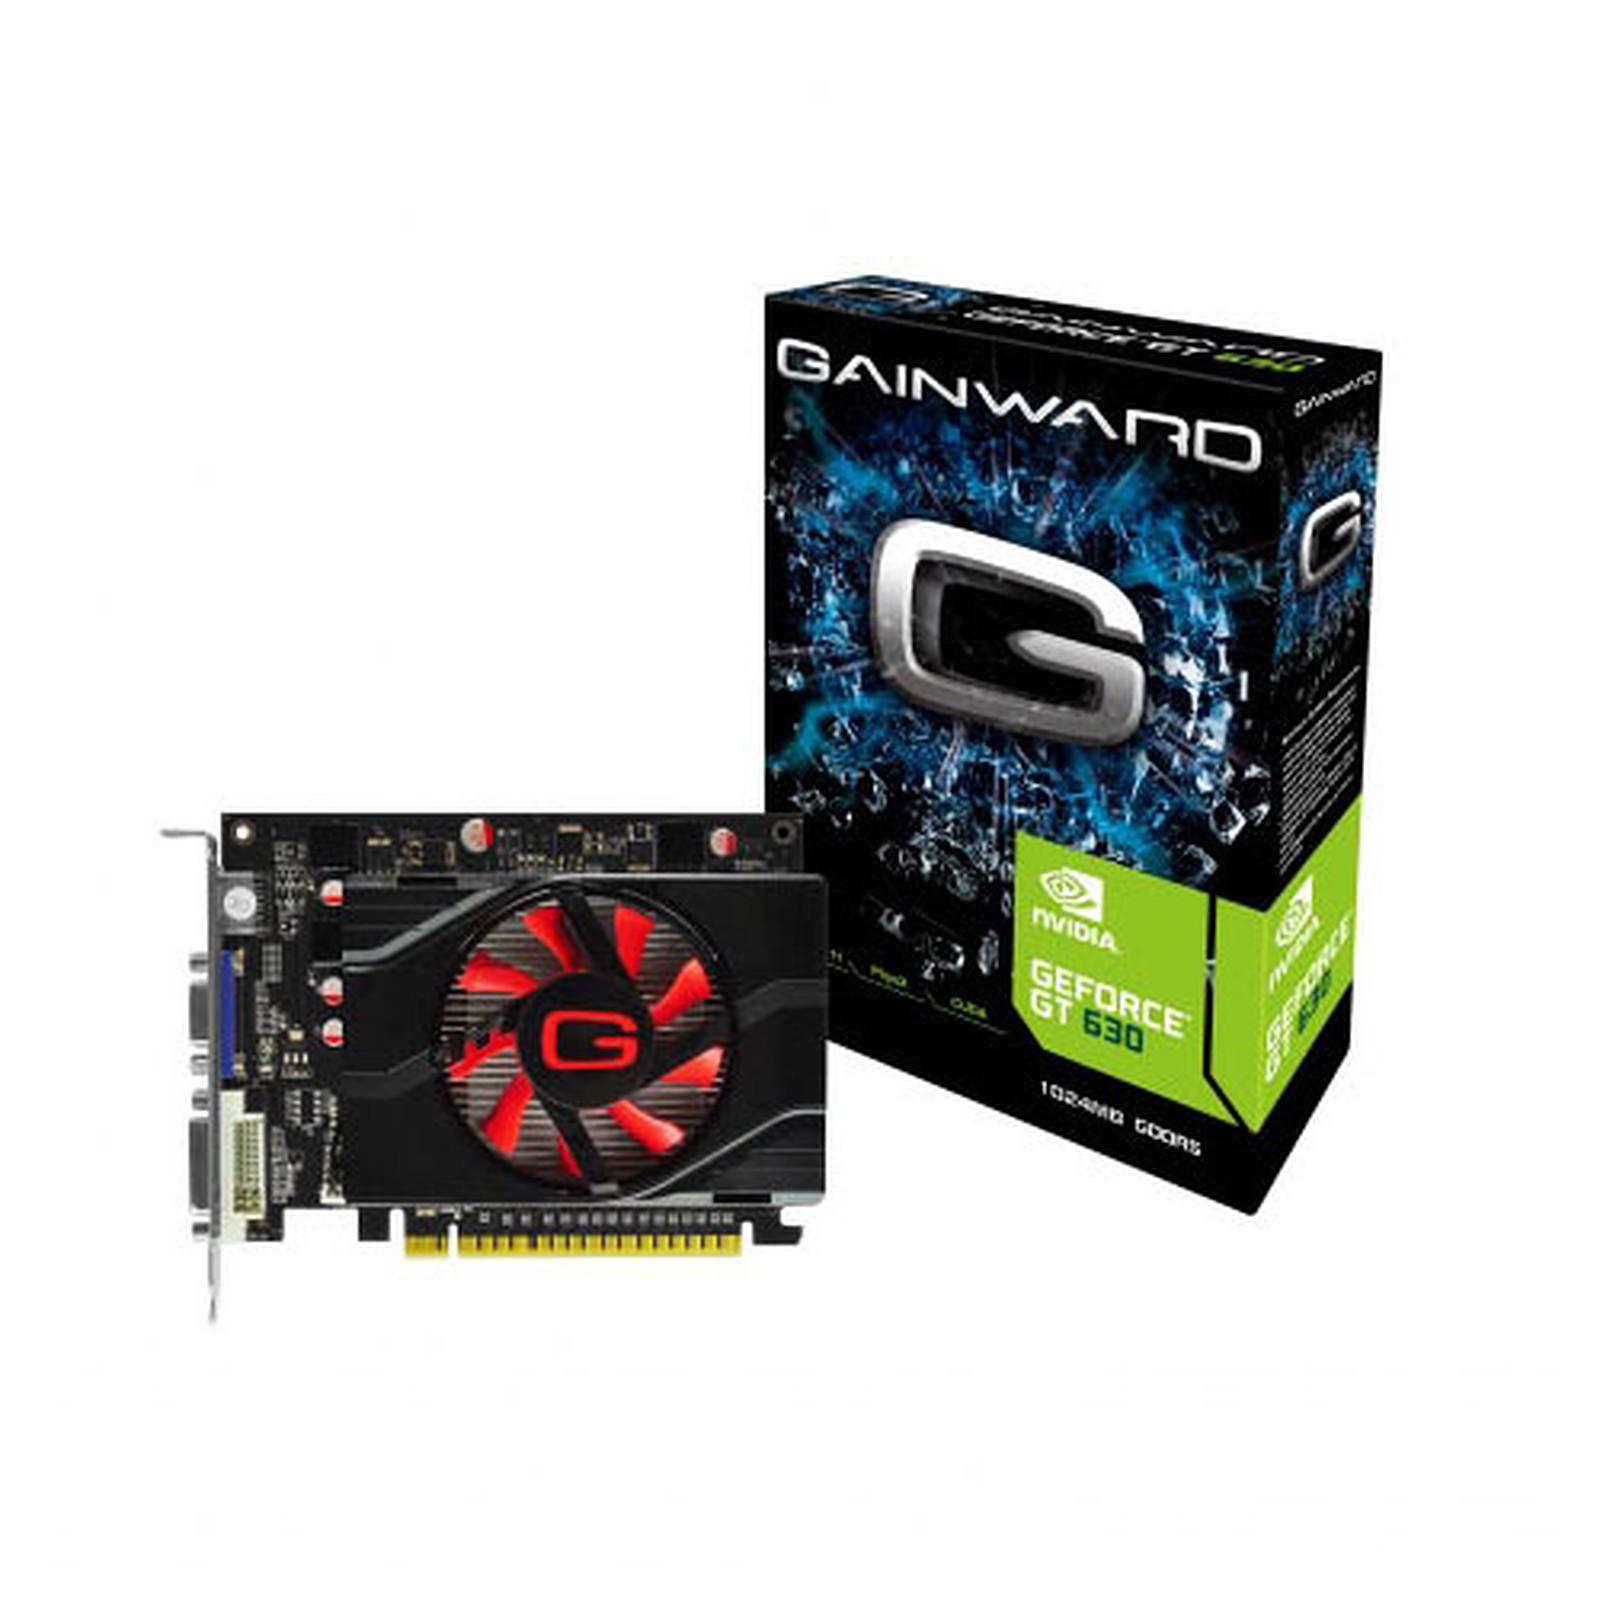 Gainward GeForce GT 630 1 GB DDR5